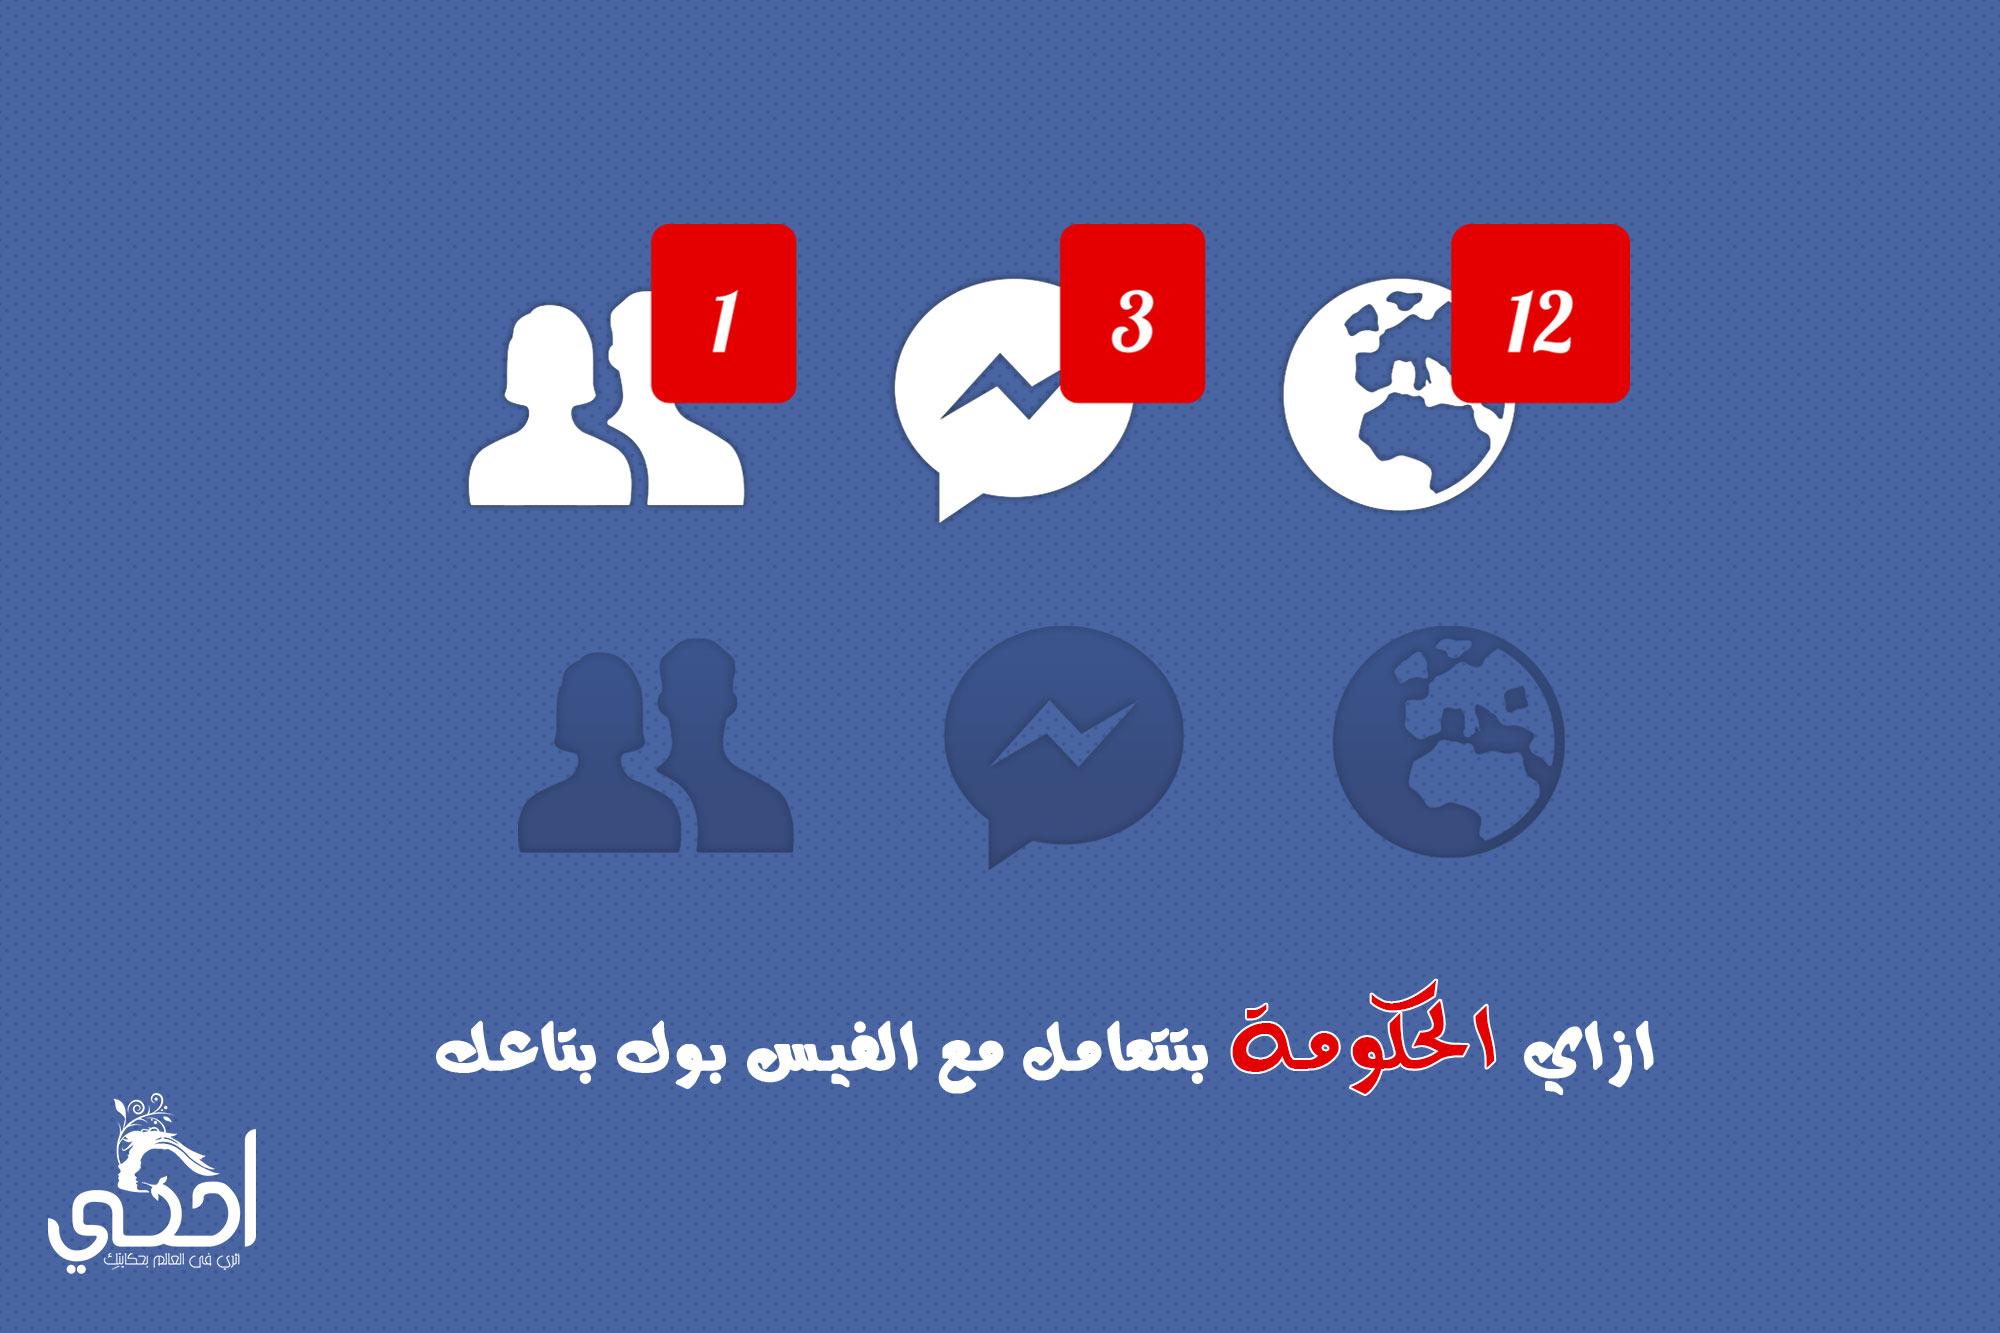 إزاي الحكومة بتتعامل مع الفيسبوك بتاعك